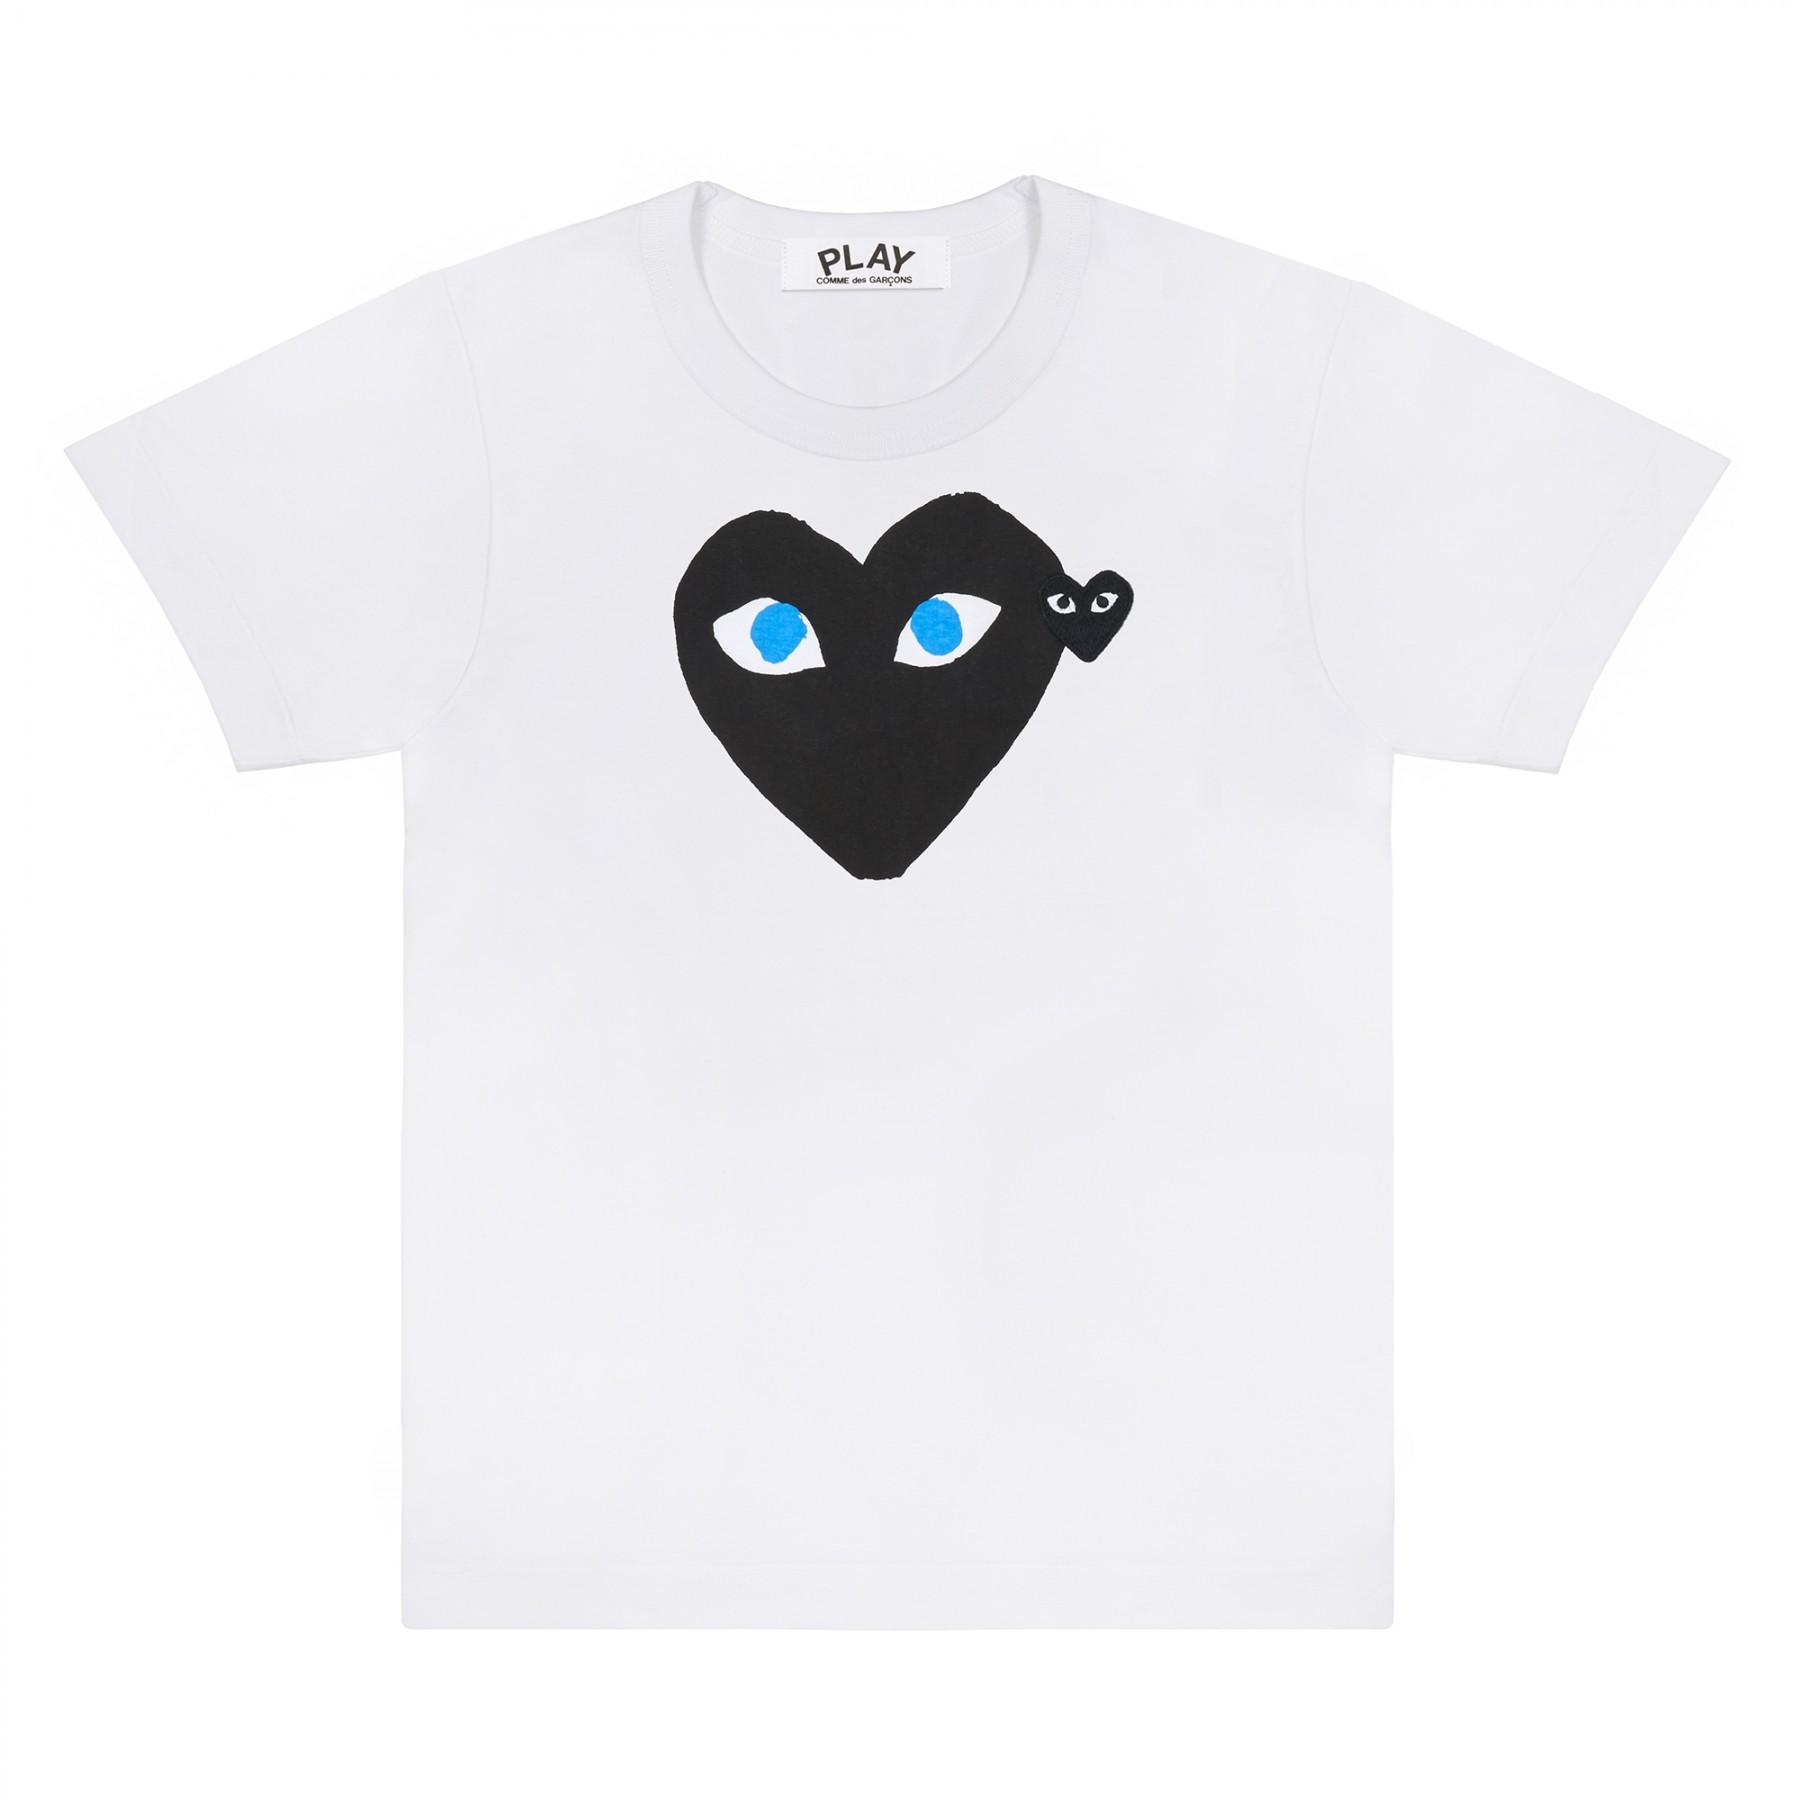 꼼데가르송 PLAY 티셔츠 블랙하트 블루아이 (여성)